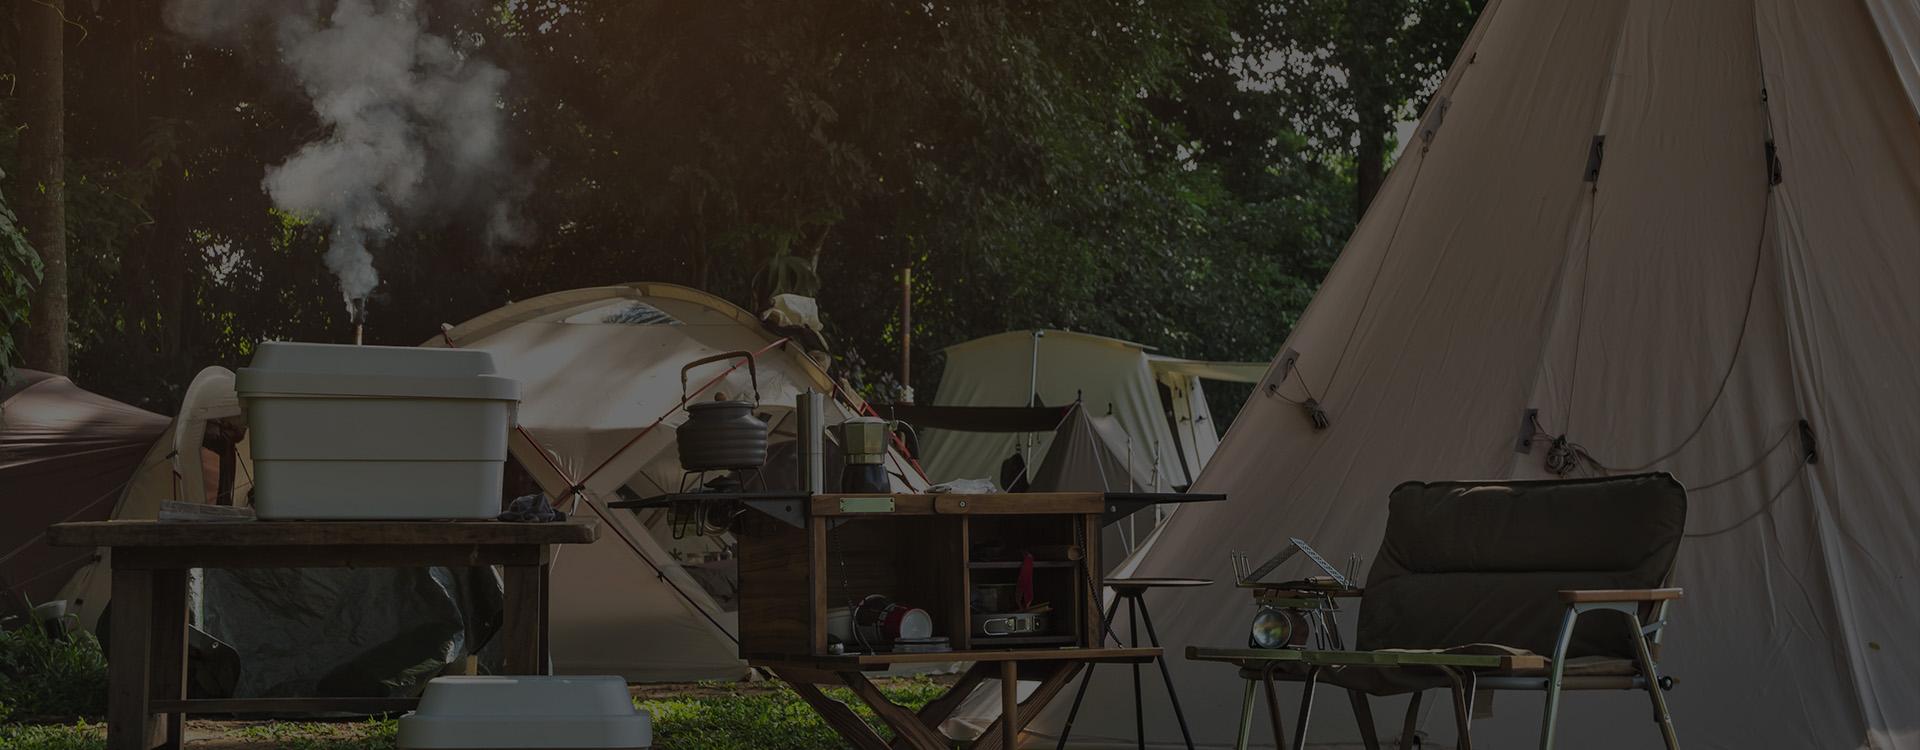 Vacances en camping 1